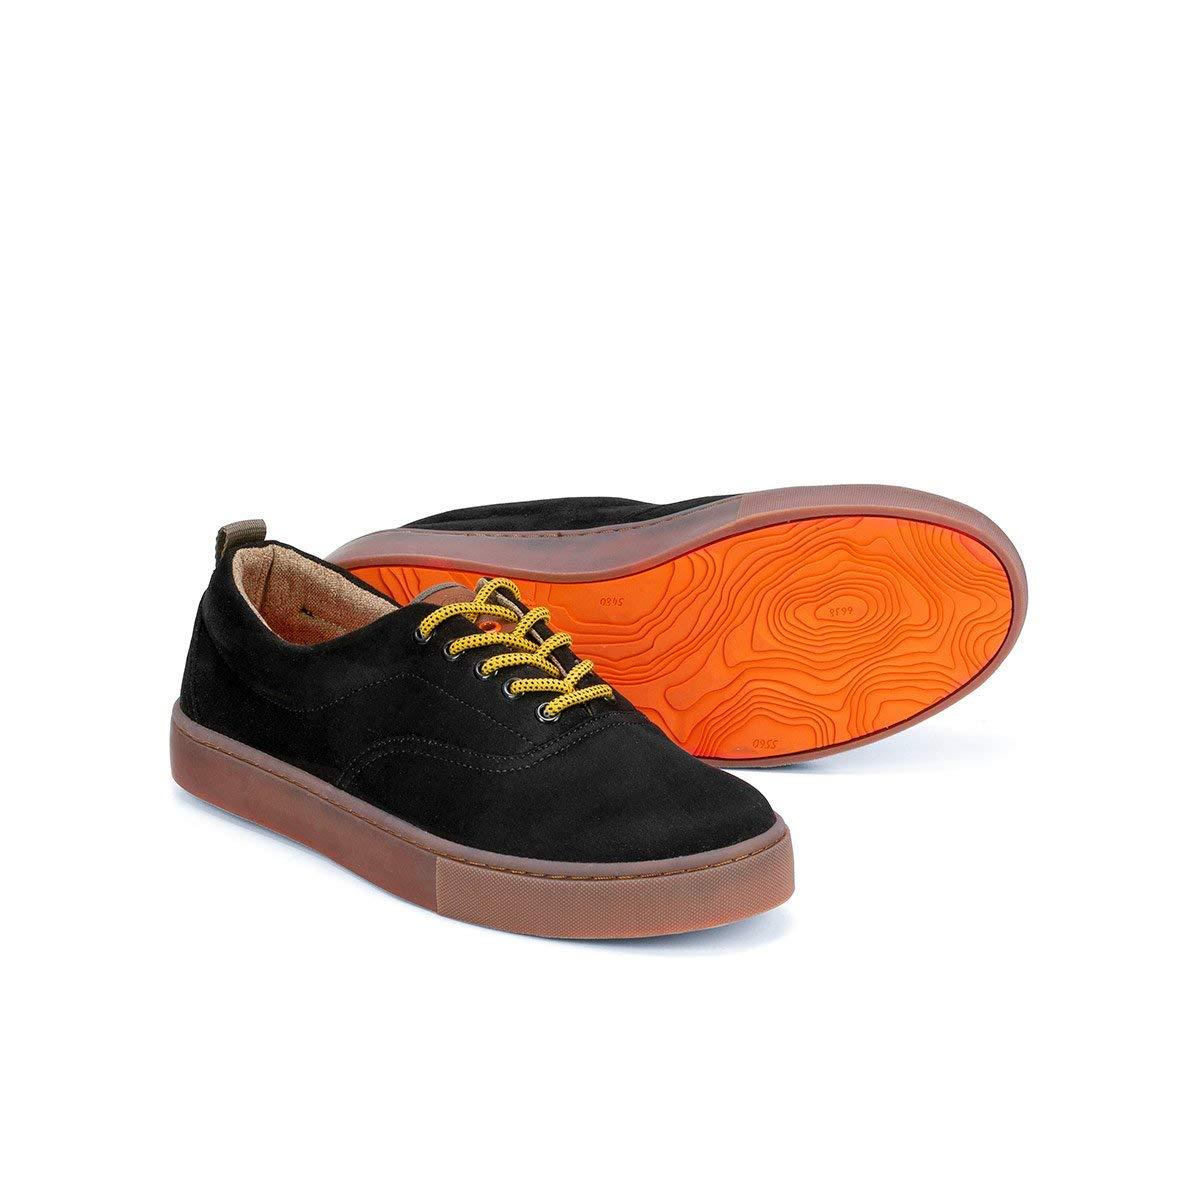 Flamingos Life - Kailash Dark Caramel - Zapatillas de Lona, Unisex 38EU: Amazon.es: Zapatos y complementos